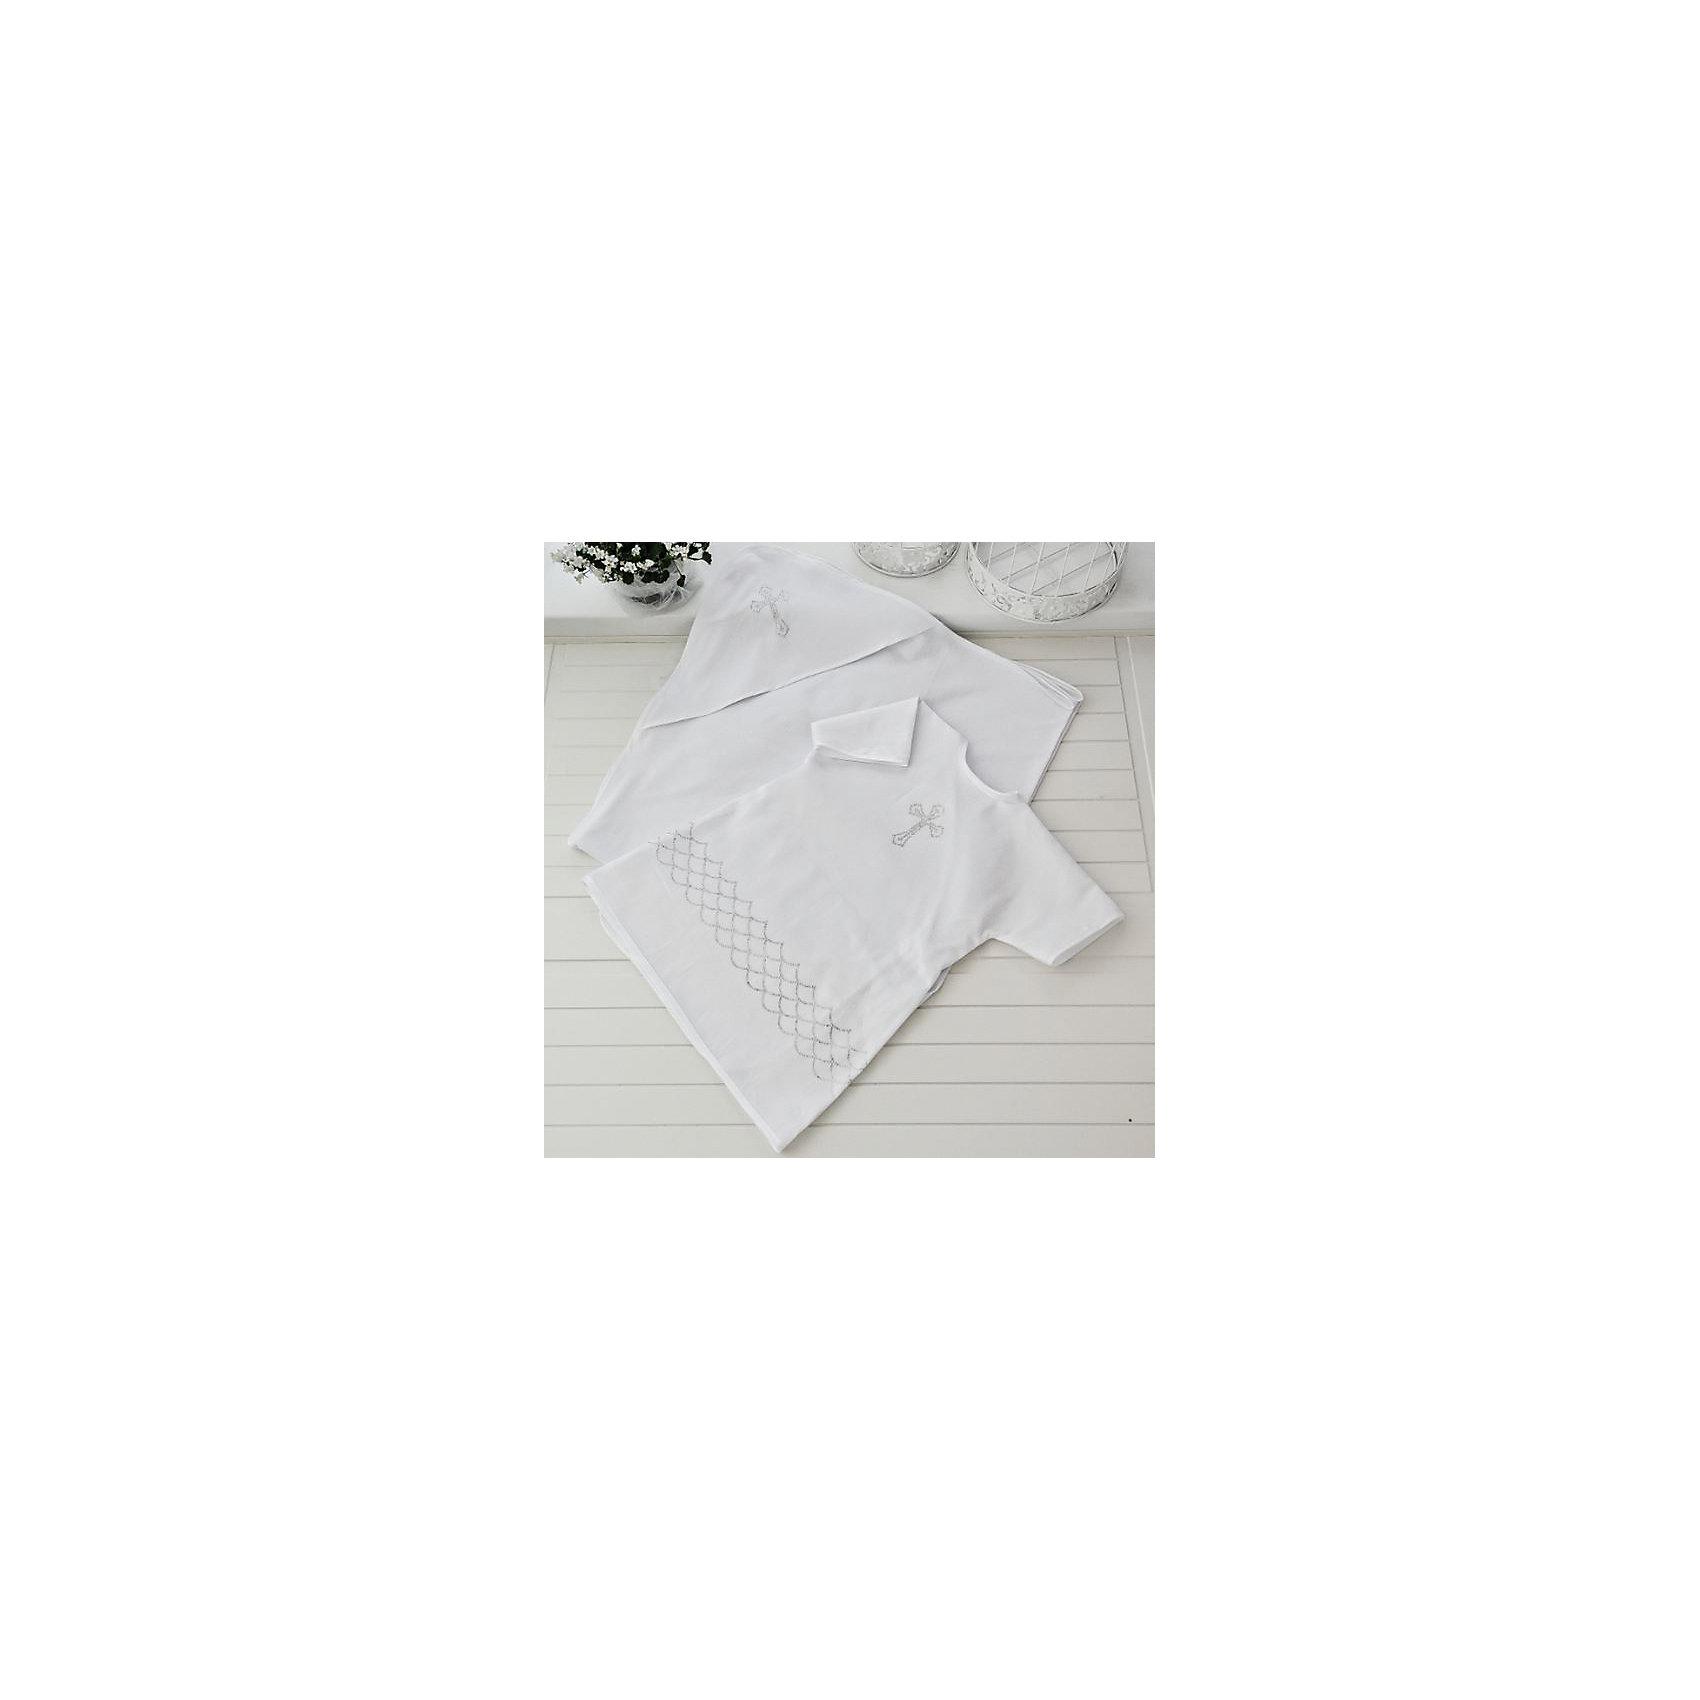 Крестильный комплект 2 пред. 62-68р., Арго, белыйКрестильные наборы<br>Момент крещения ребенка - один из самых трогательных. Сделать его более торжественным поможет красивый крестильный комплект. Он состоит из двух предметов, это: удобная нарядная крестильная рубашка из сатина с запахом на спине, подол которой украшен стразами, и пеленка с уголком из мягкого трикотажа.<br>Смотрится набор очень красиво. Материалы подобраны специально для новорожденных. Они гипоаллергенны, пропускают воздух, не вызывают раздражения.<br><br>Дополнительная информация:<br><br>цвет: белый;<br>материал: сатин, трикотаж - 100% хлопок;<br>комплектация: рубашка и пеленка;<br>размер: 62-68 см;<br>возраст: 0-6 месяцев.<br><br>Крестильный комплект 2 пред. 62-68р, белый, от компании Арго можно купить в нашем магазине.<br><br>Ширина мм: 500<br>Глубина мм: 500<br>Высота мм: 100<br>Вес г: 50<br>Возраст от месяцев: 0<br>Возраст до месяцев: 6<br>Пол: Унисекс<br>Возраст: Детский<br>SKU: 4720135